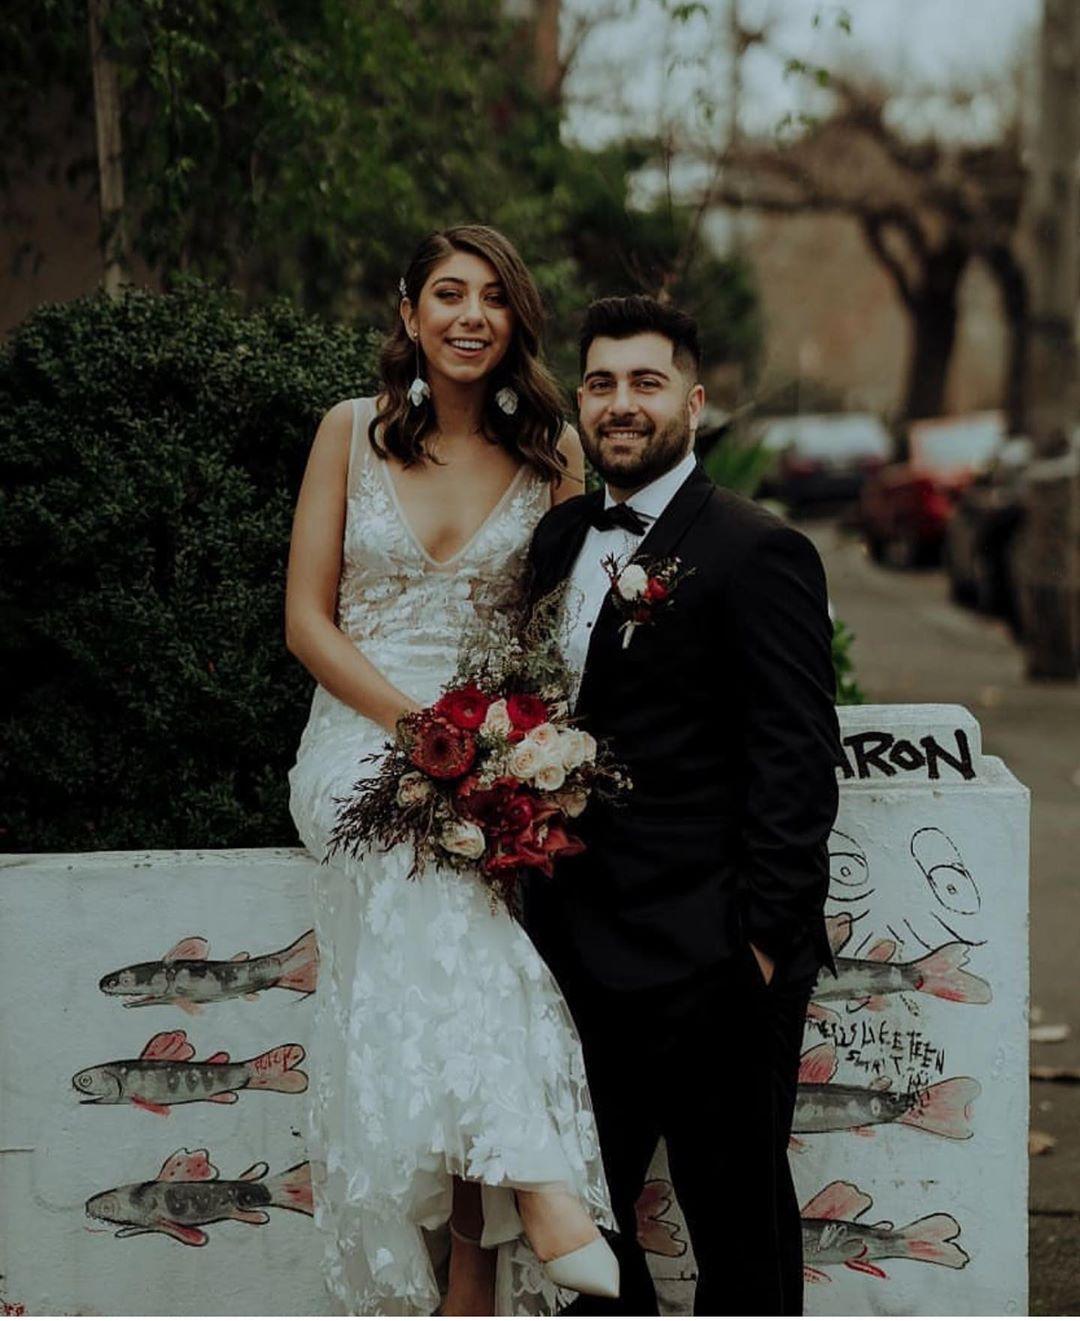 Anisa & Shayan Photo: @jacksongrantweddings